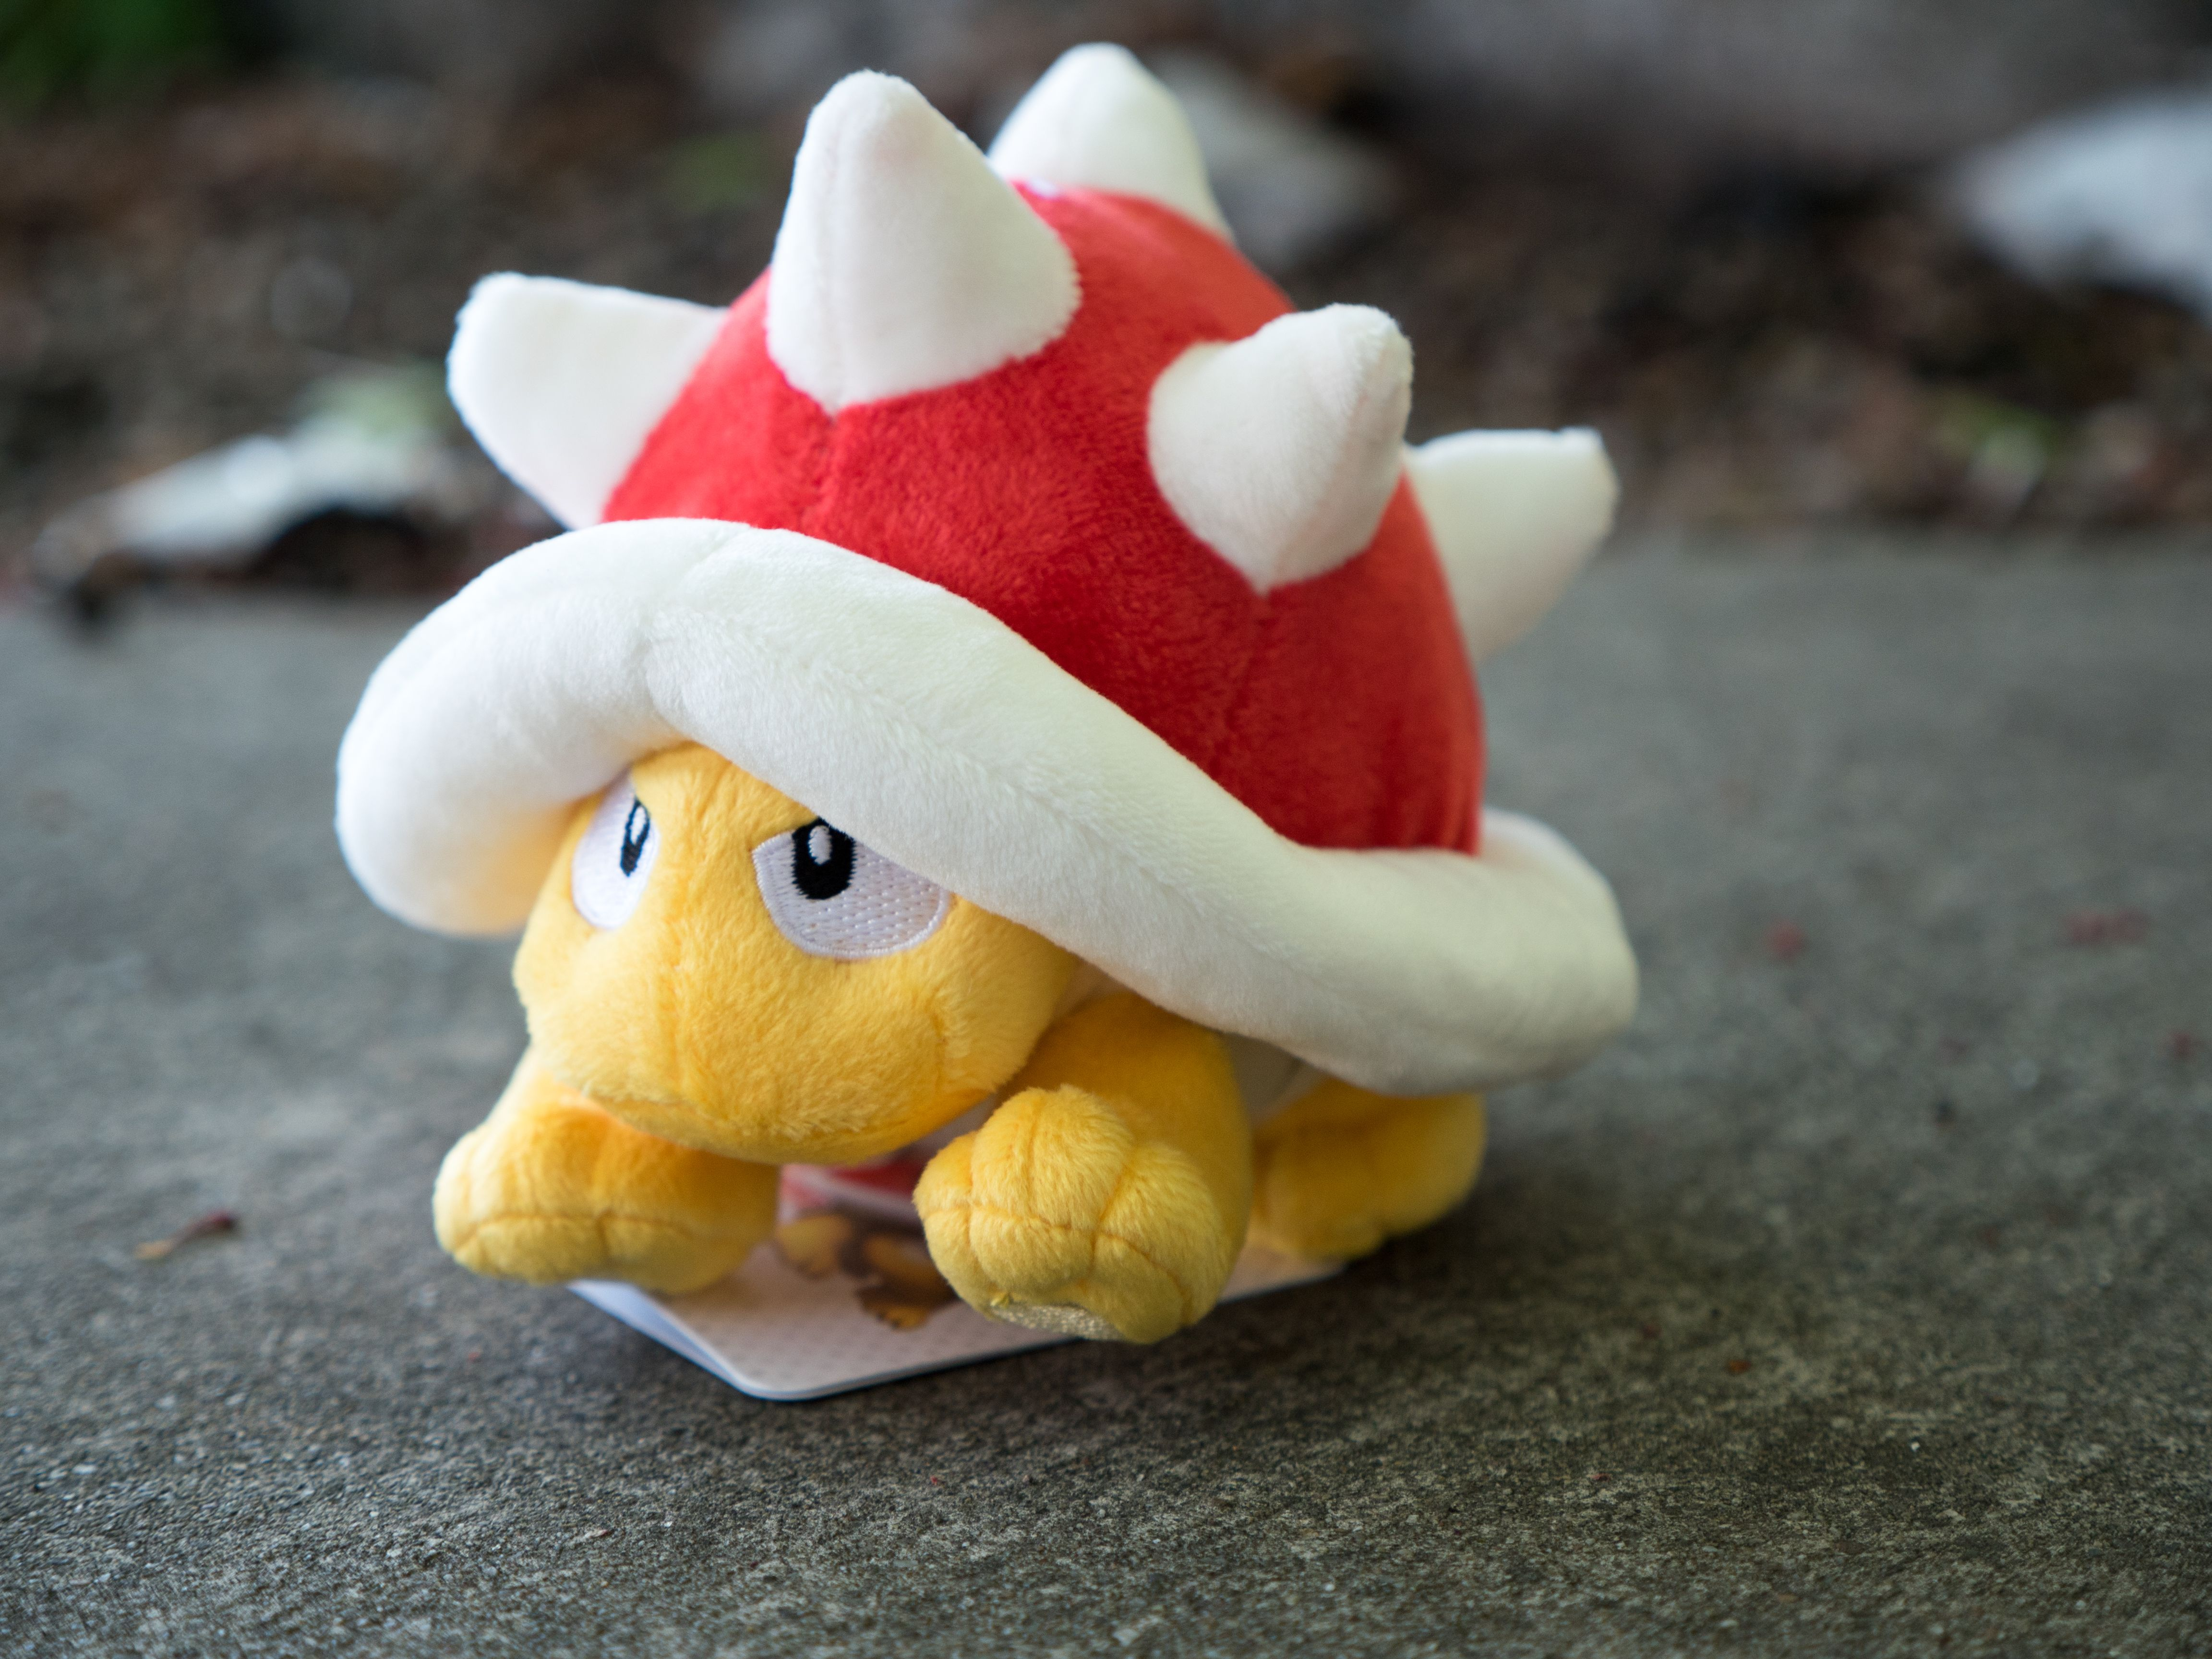 Super Mario Spiny 5 Super mario, Mario, Plush toy